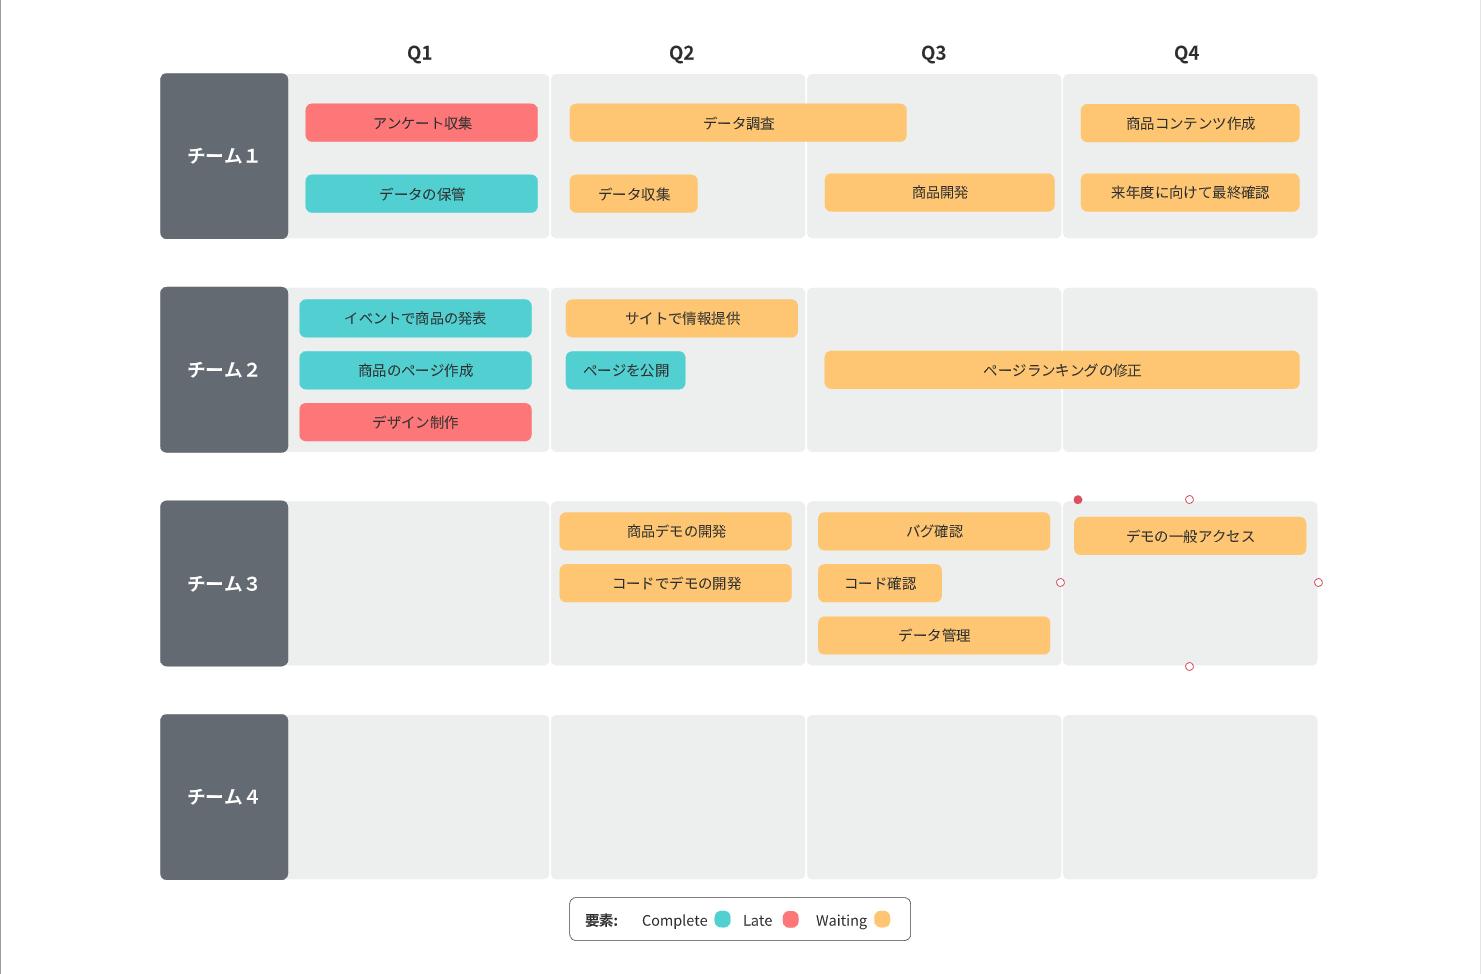 ビジネス目標達成プロジェクトロードマップ